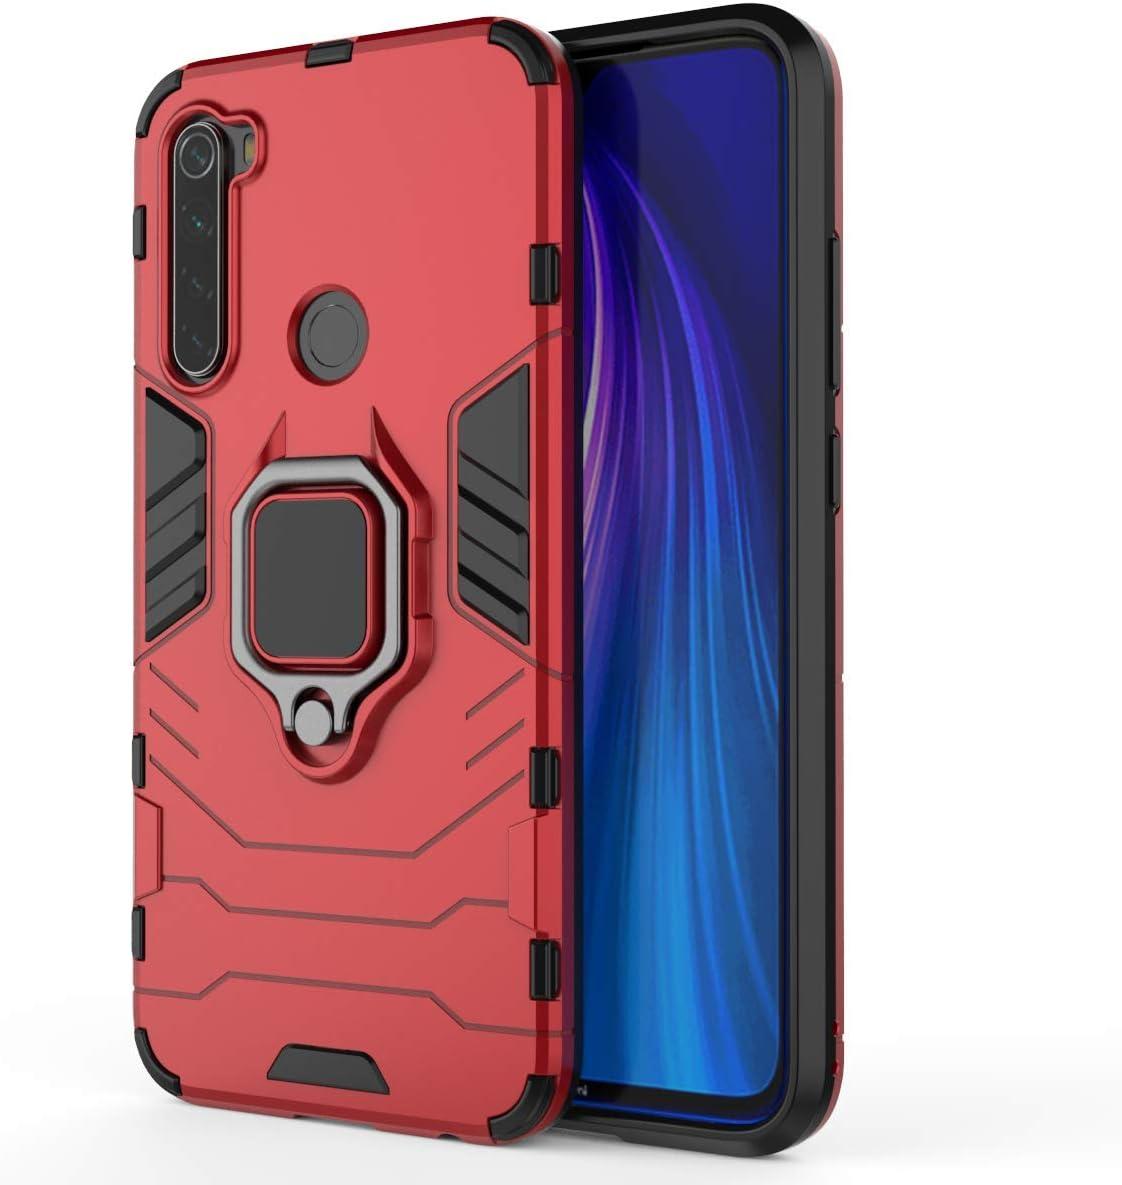 WUFONG Funda para Xiaomi Redmi Note 8,Soporte autoportante Auto magnético Suave Paquete de Silicona airbag Todo Incluido Anti-caída cáscara Blanda nuevos Modelos de Marea cáscara Dura-Rojo